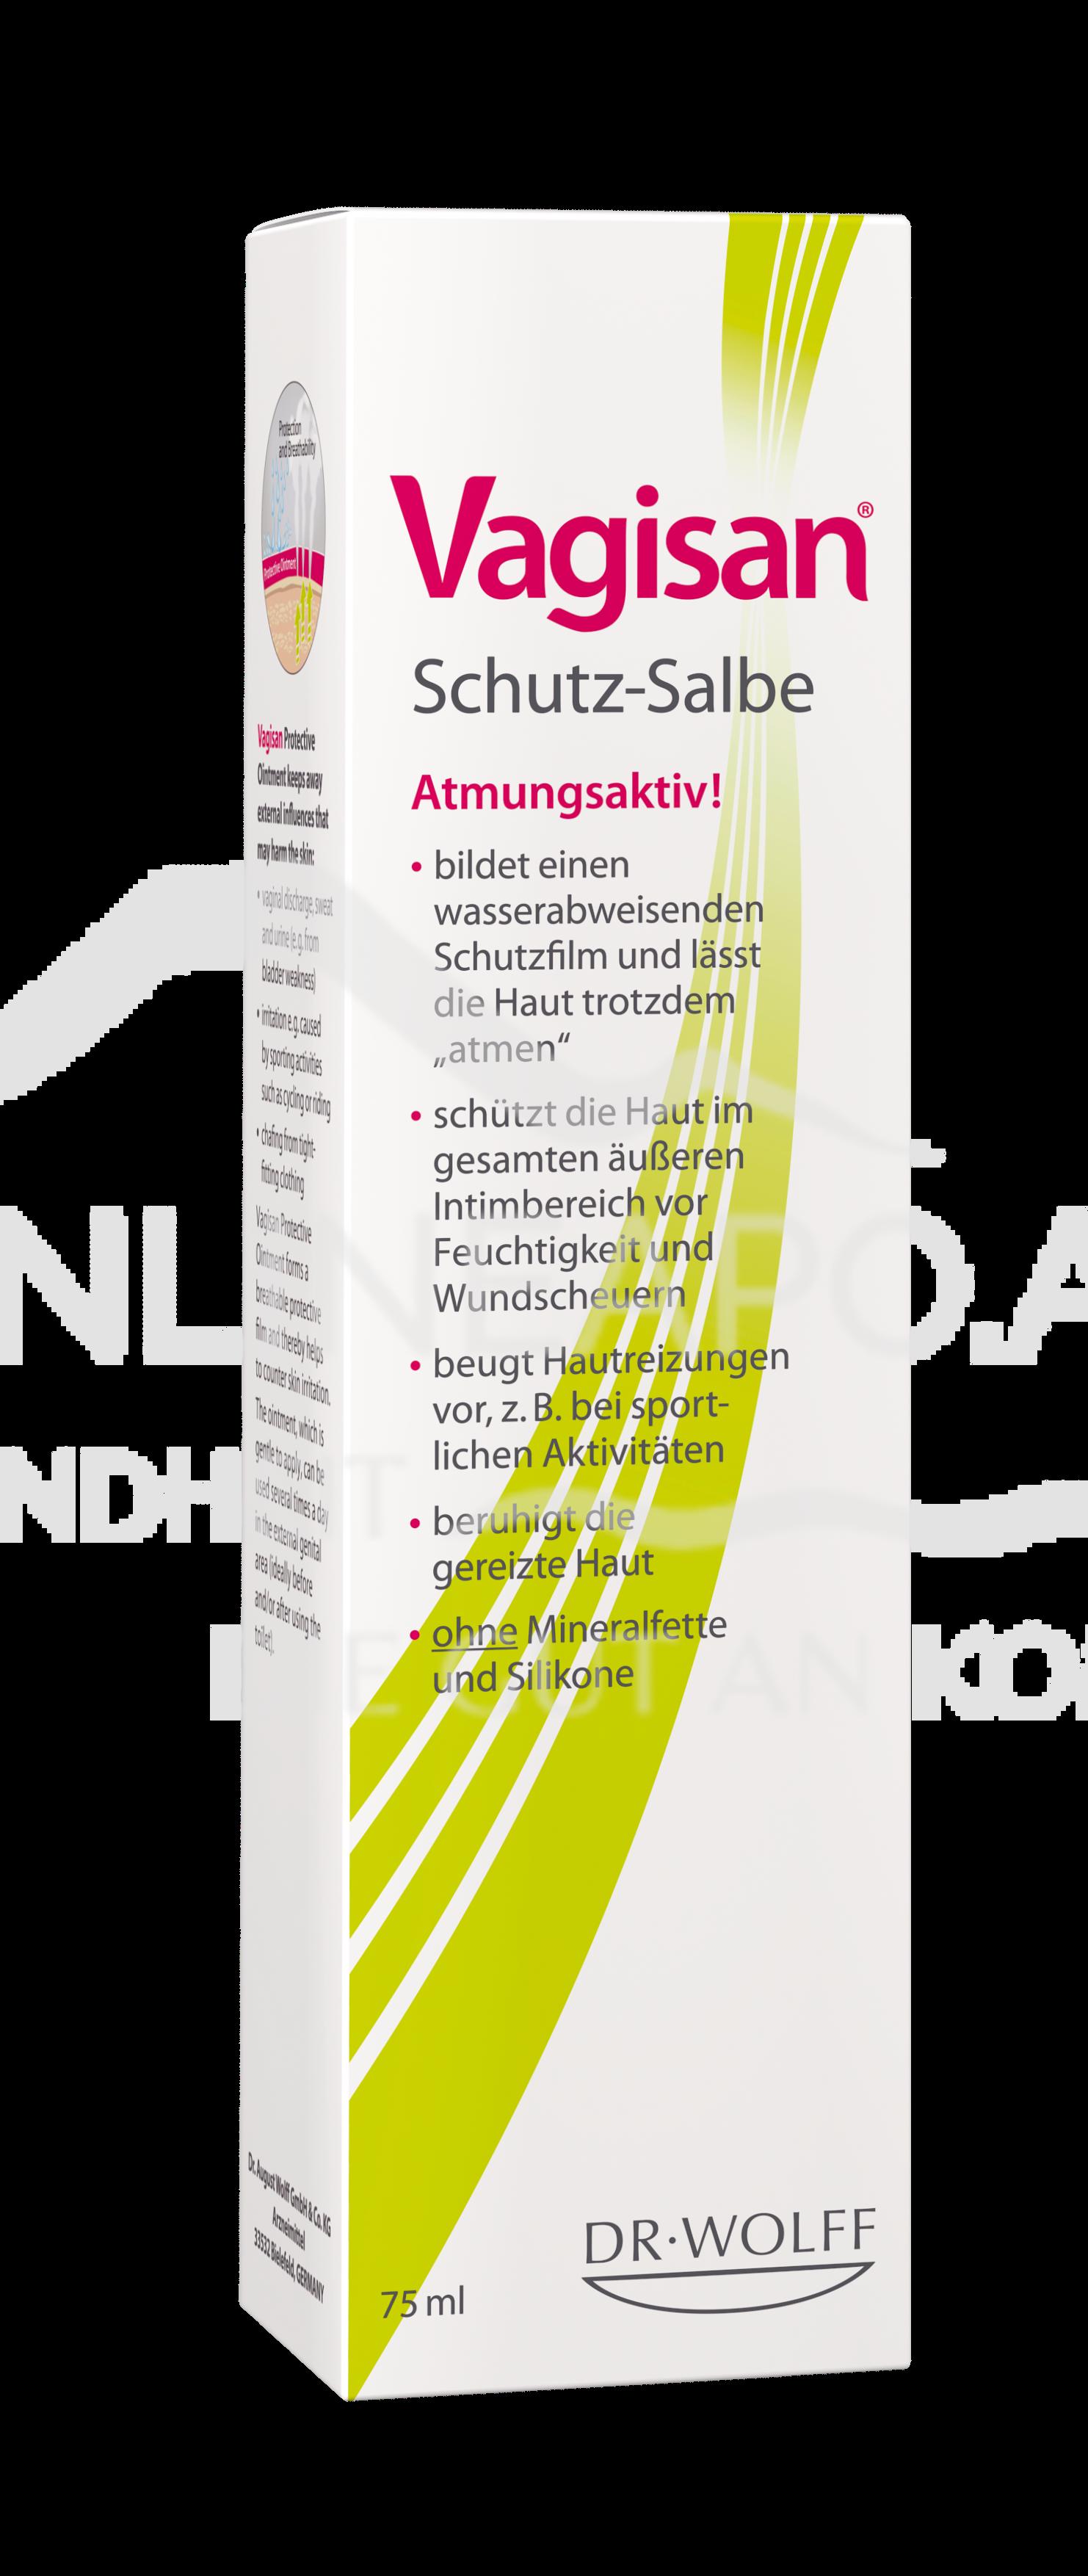 Vagisan® Schutz-Salbe